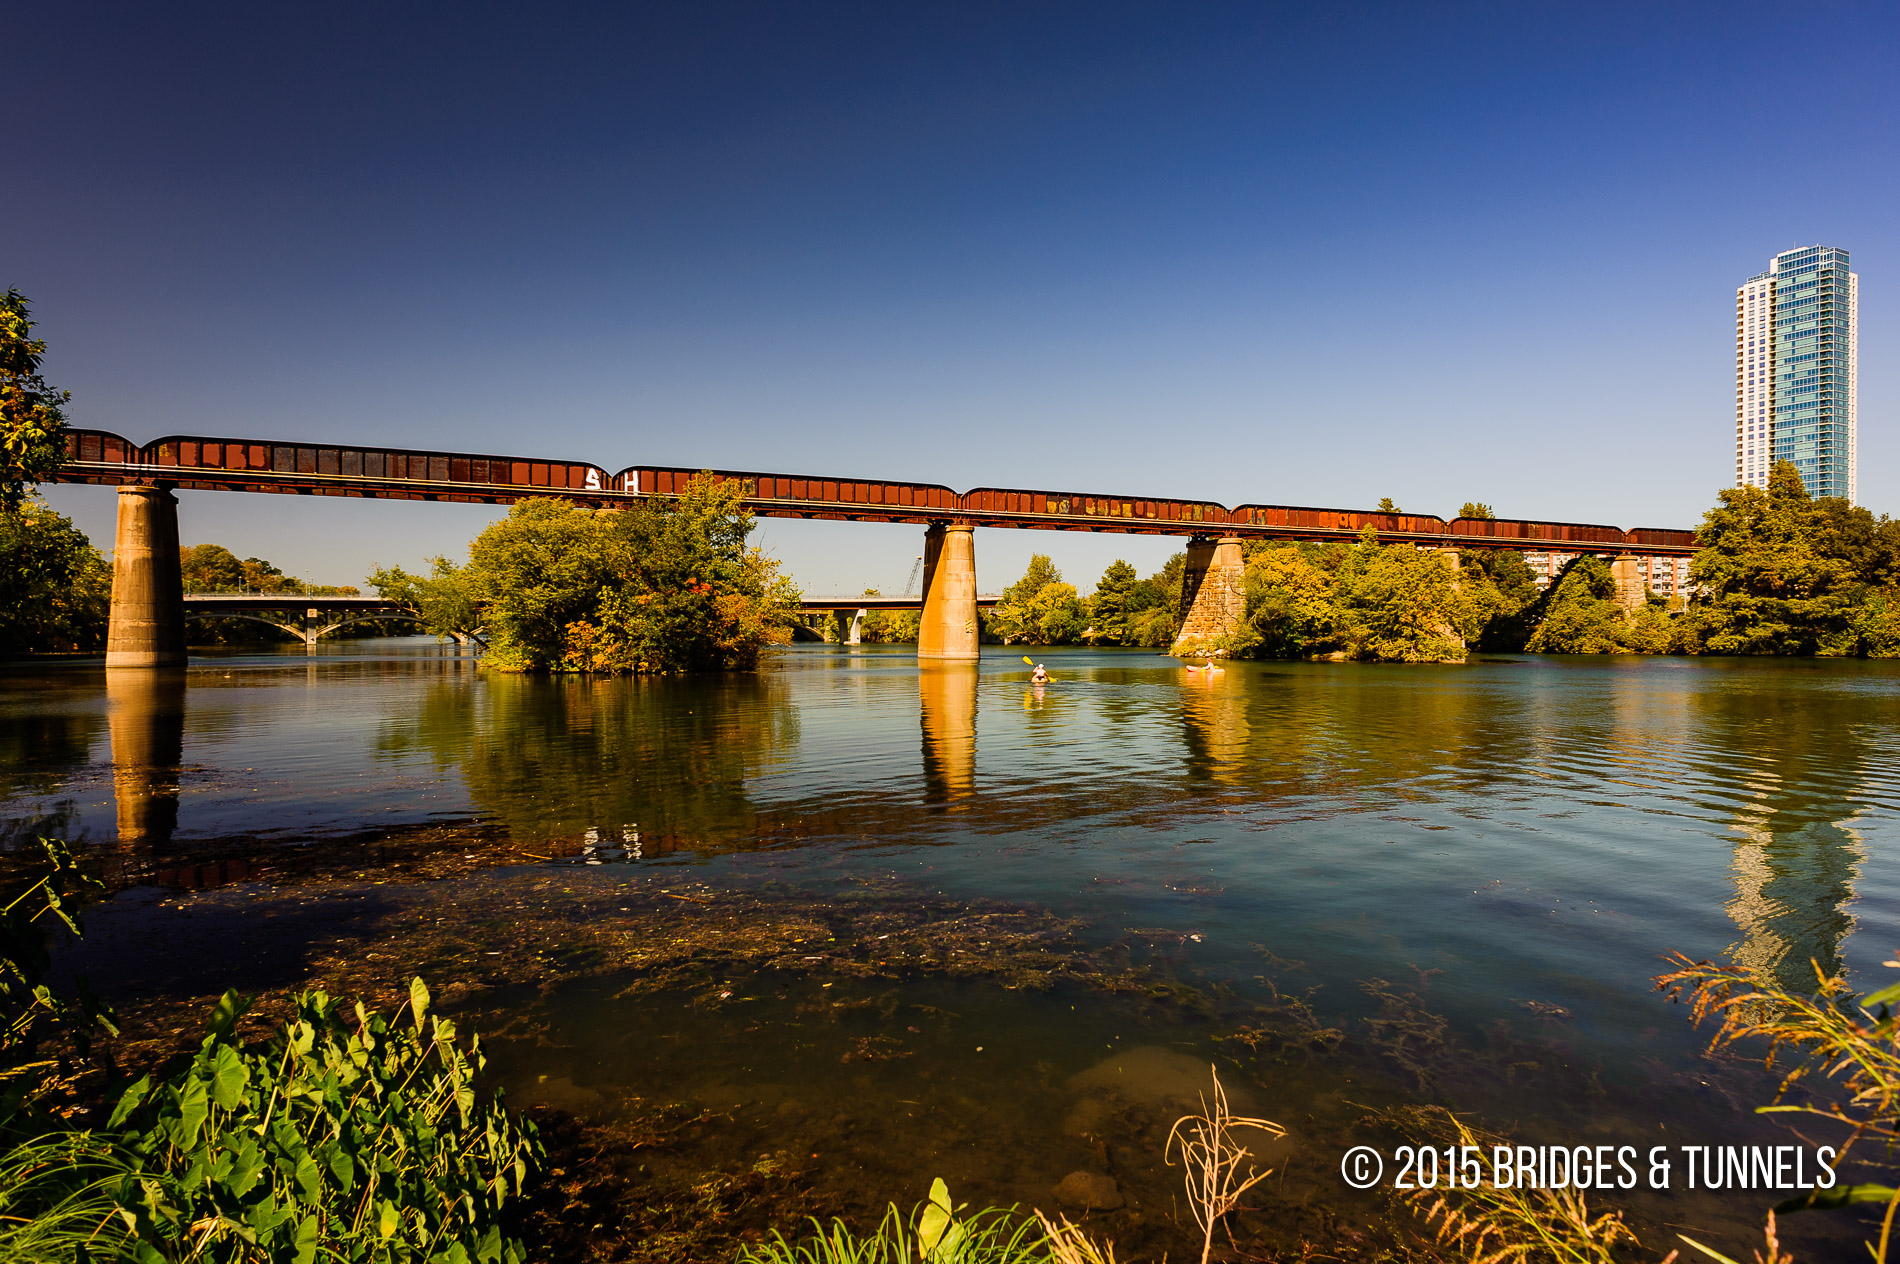 Colorado River Bridge (Union Pacific Railroad)